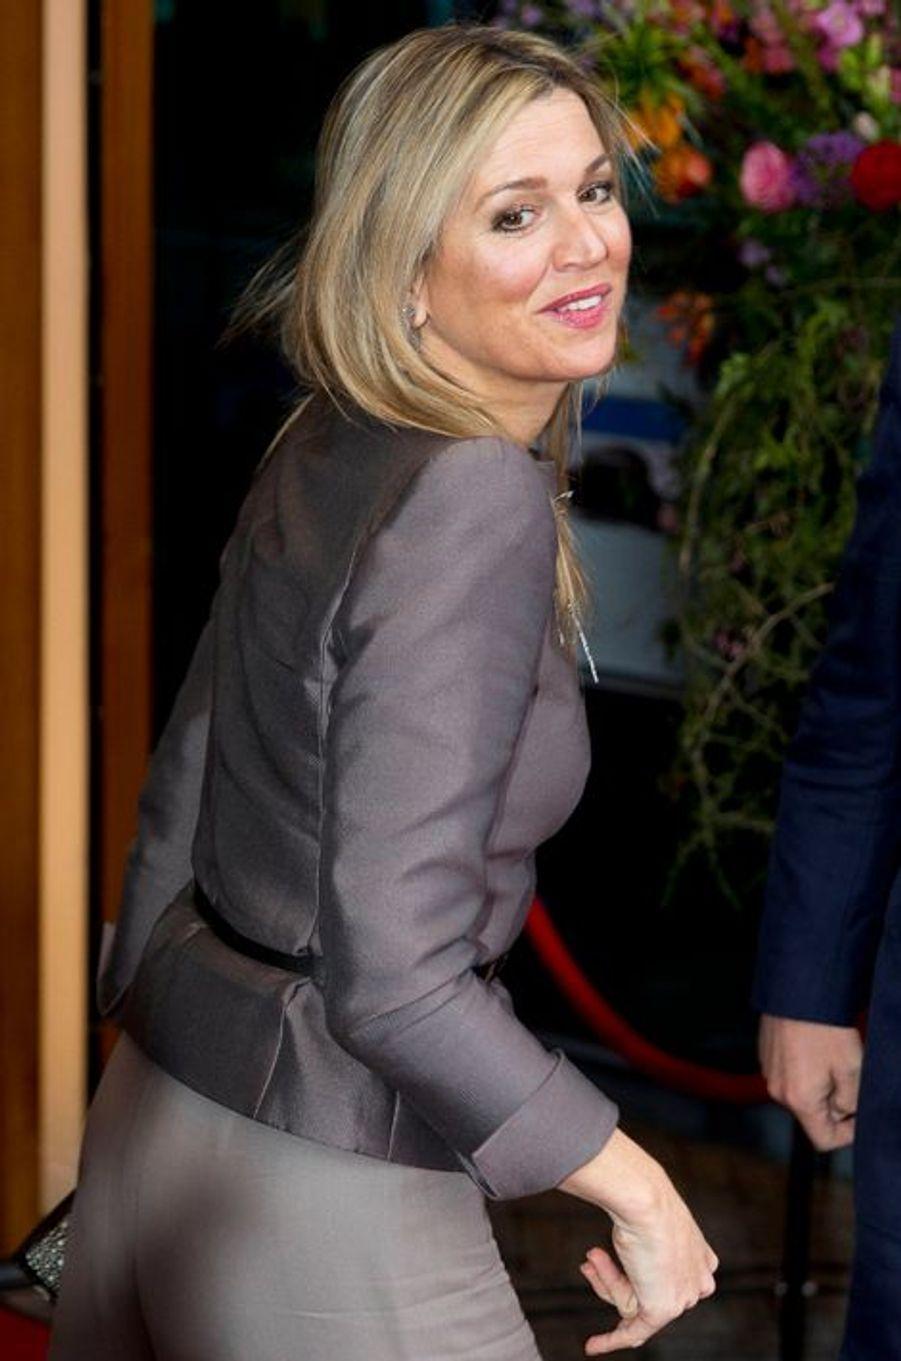 La reine Maxima des Pays-Bas à Zwolle, le 18 avril 2016